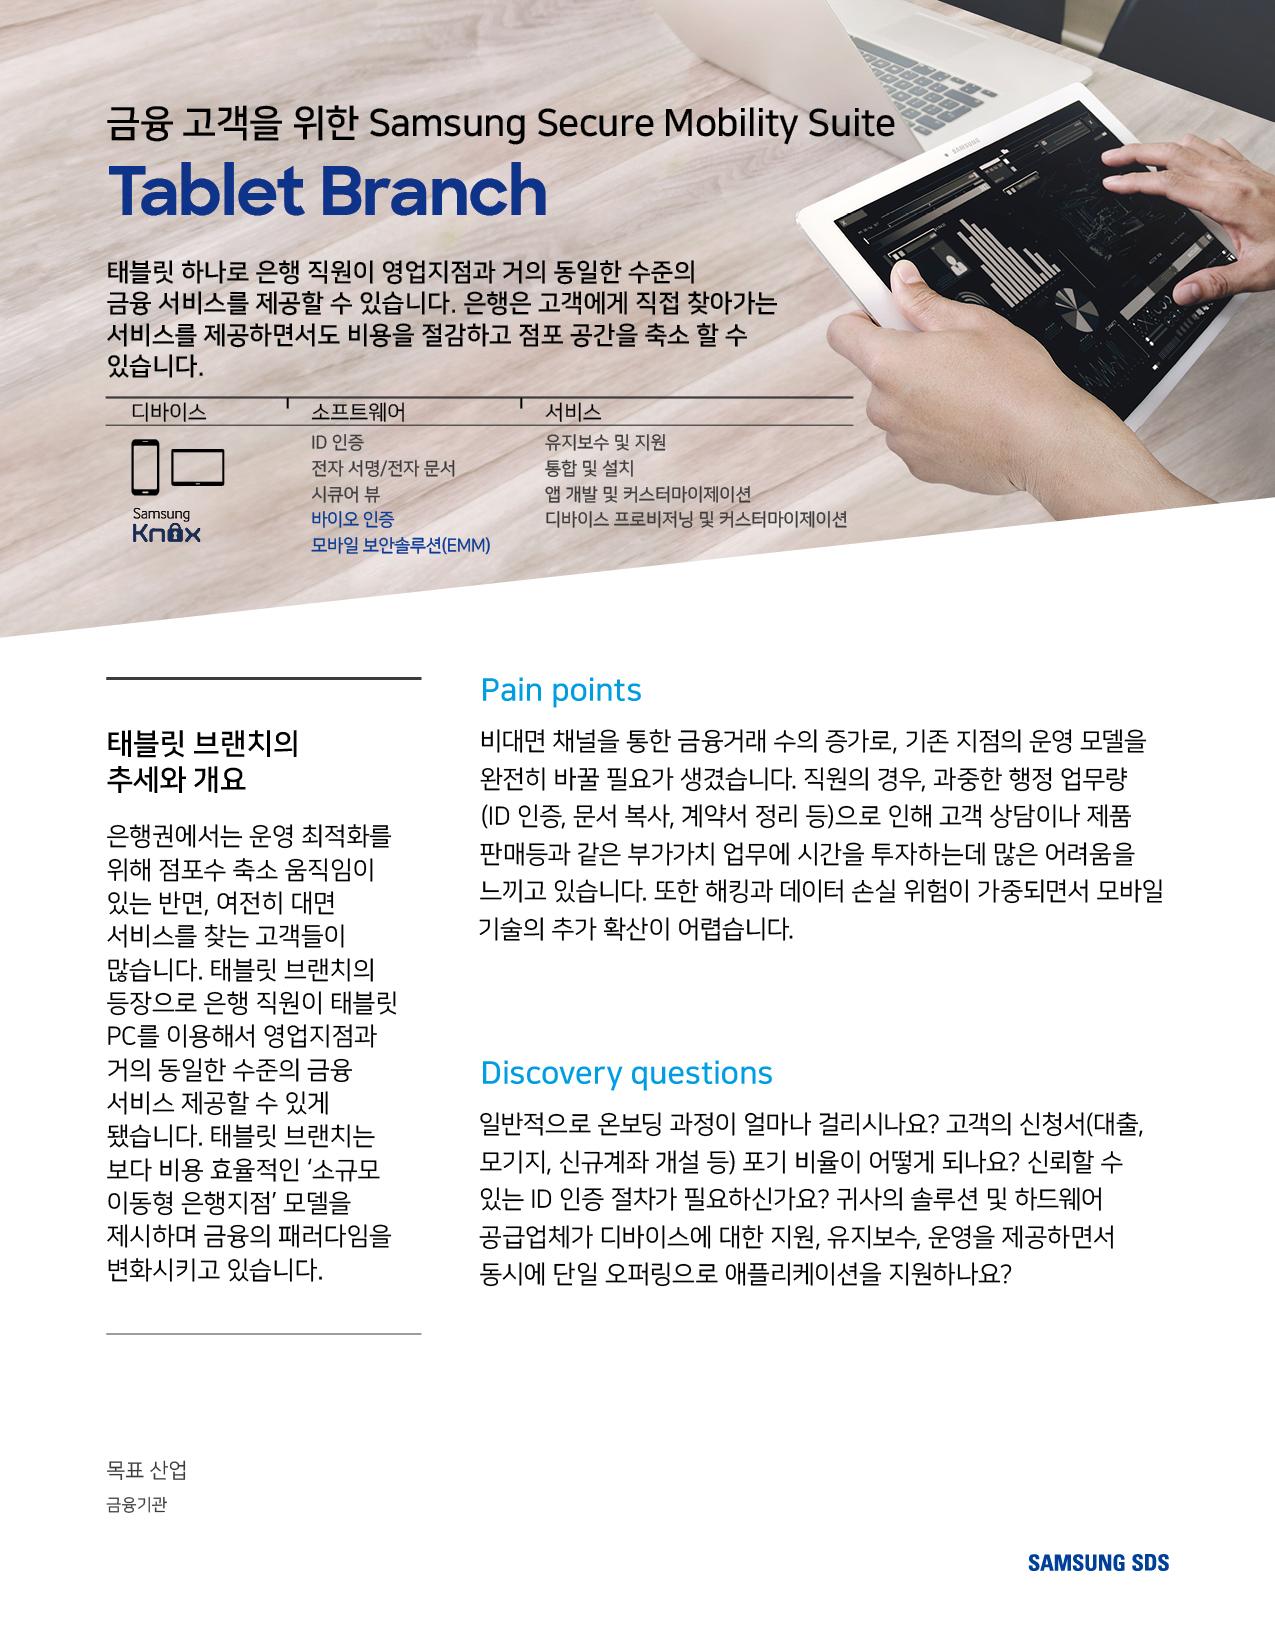 금융 고객을 위한 태블릿 지점 솔루션 태블릿 하나로 은행 직원이 영업 지점과 거의 동일한 수준의 금융서비스를 제공할 수 있습니다.